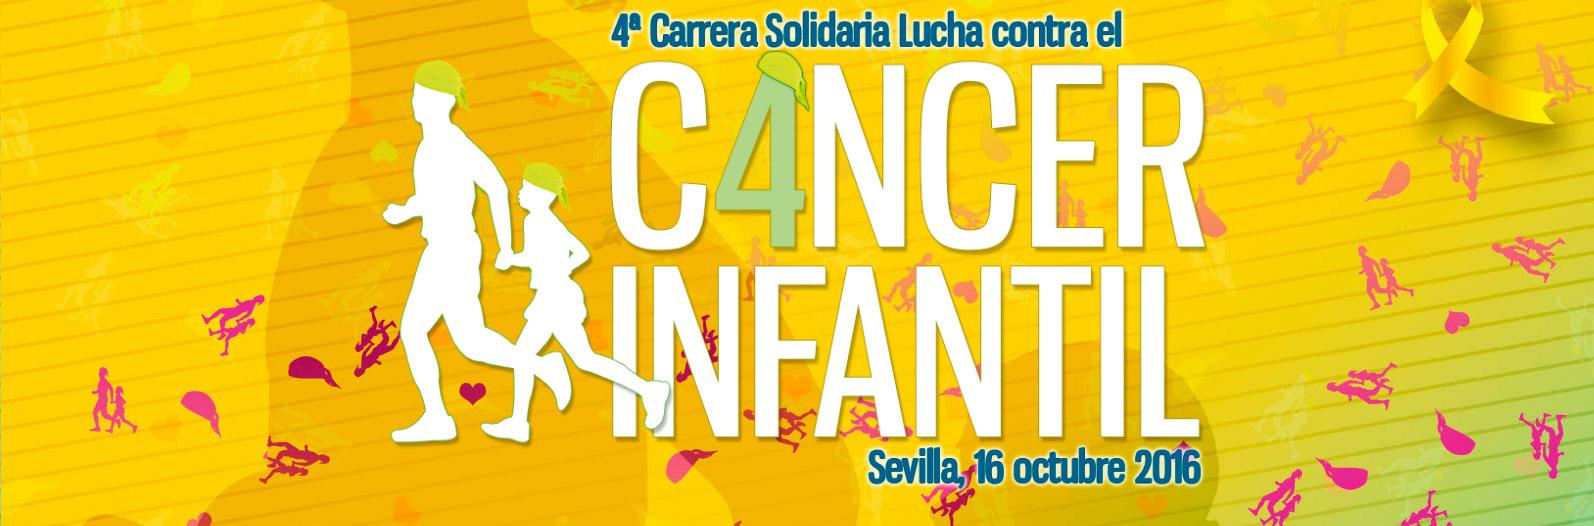 4 Carrera Solidaria Lucha Contra Cáncer Infantil